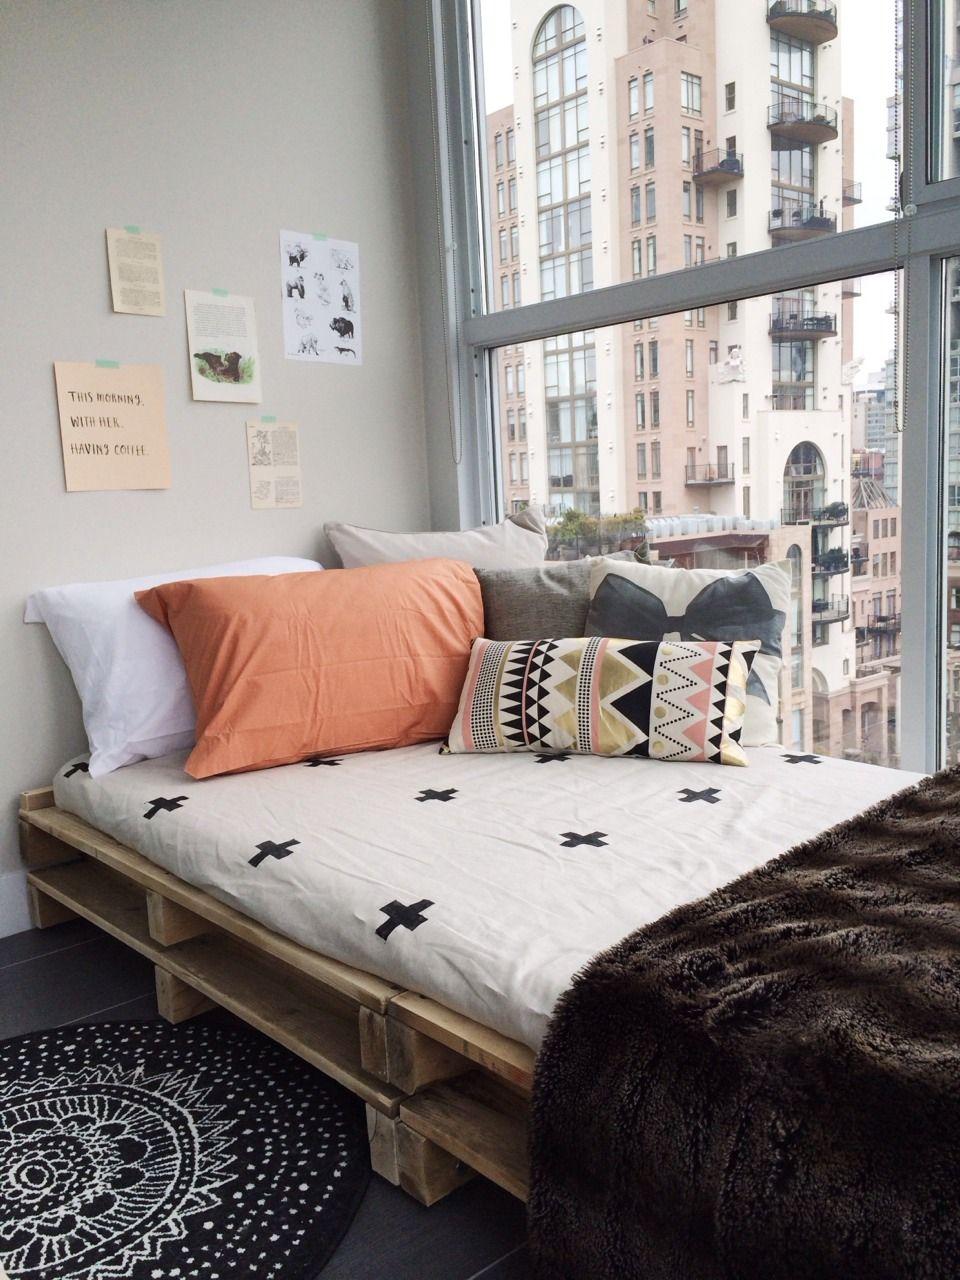 3 window bedroom ideas  day bed by window  mi casa ideas  pinterest  pallets window and